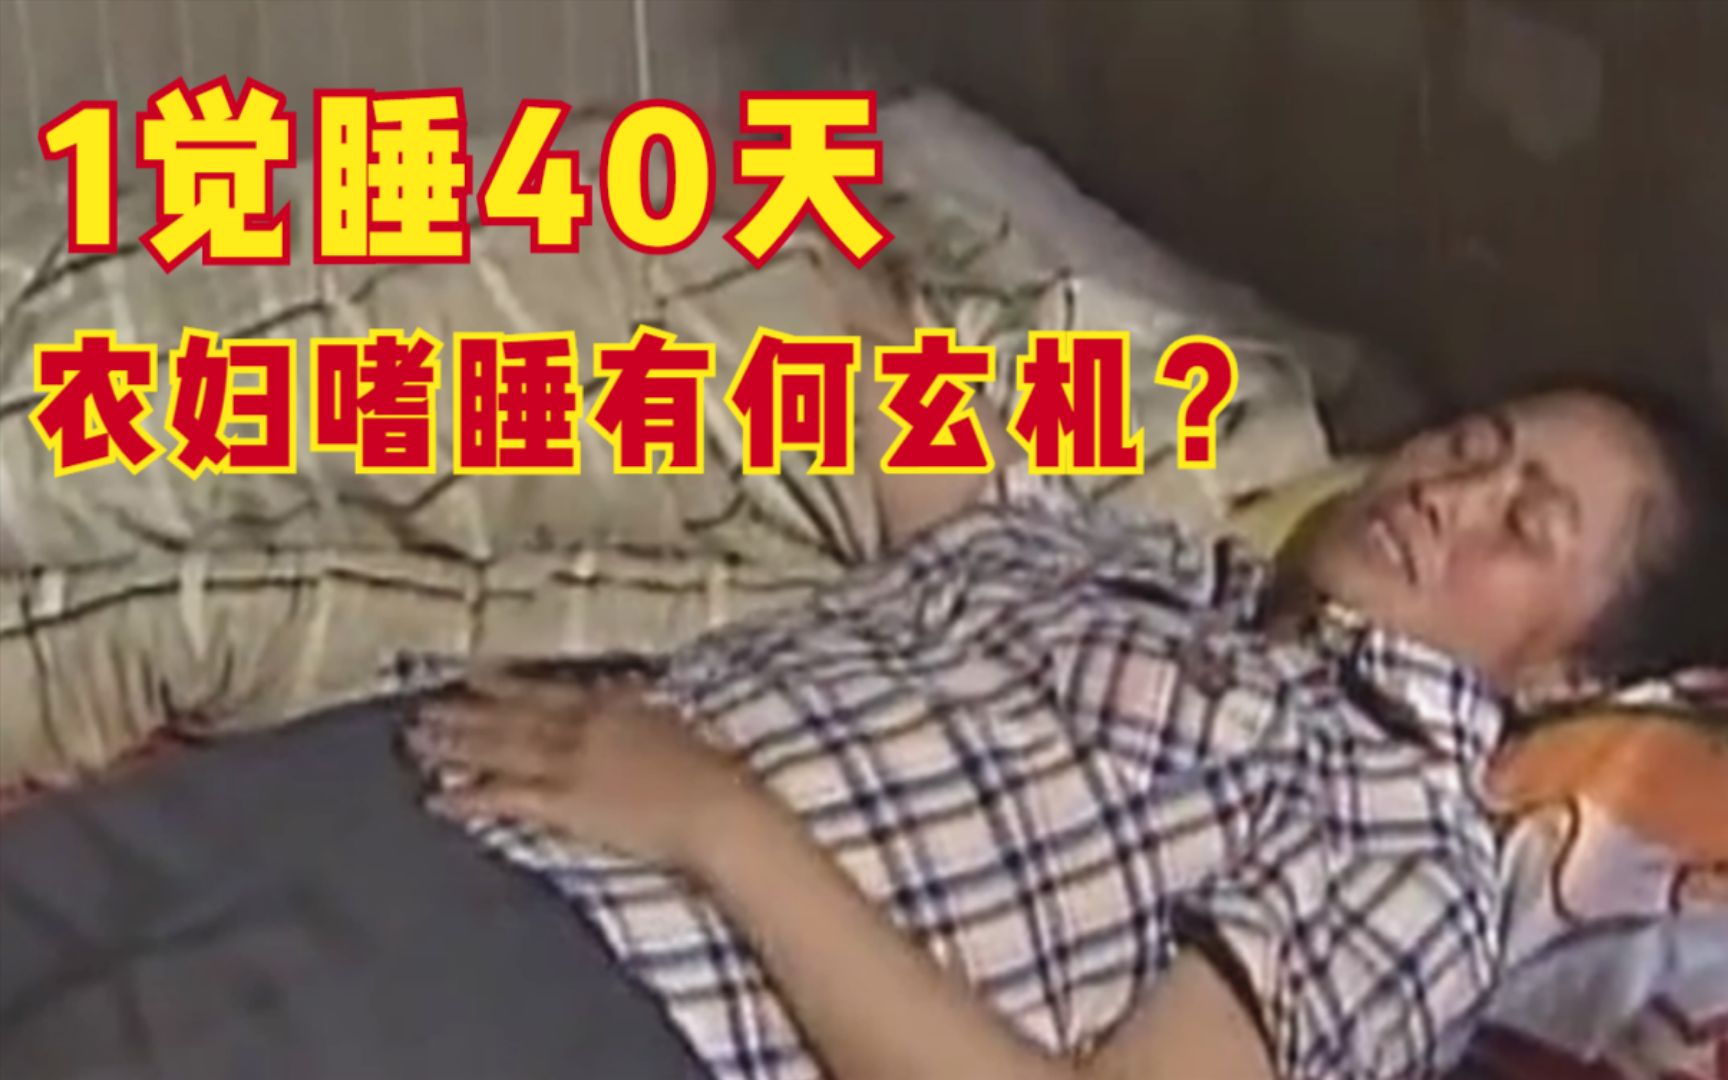 农妇一觉睡40天,8年来始终如此,丈夫心怀疑虑几度崩溃,纪录片